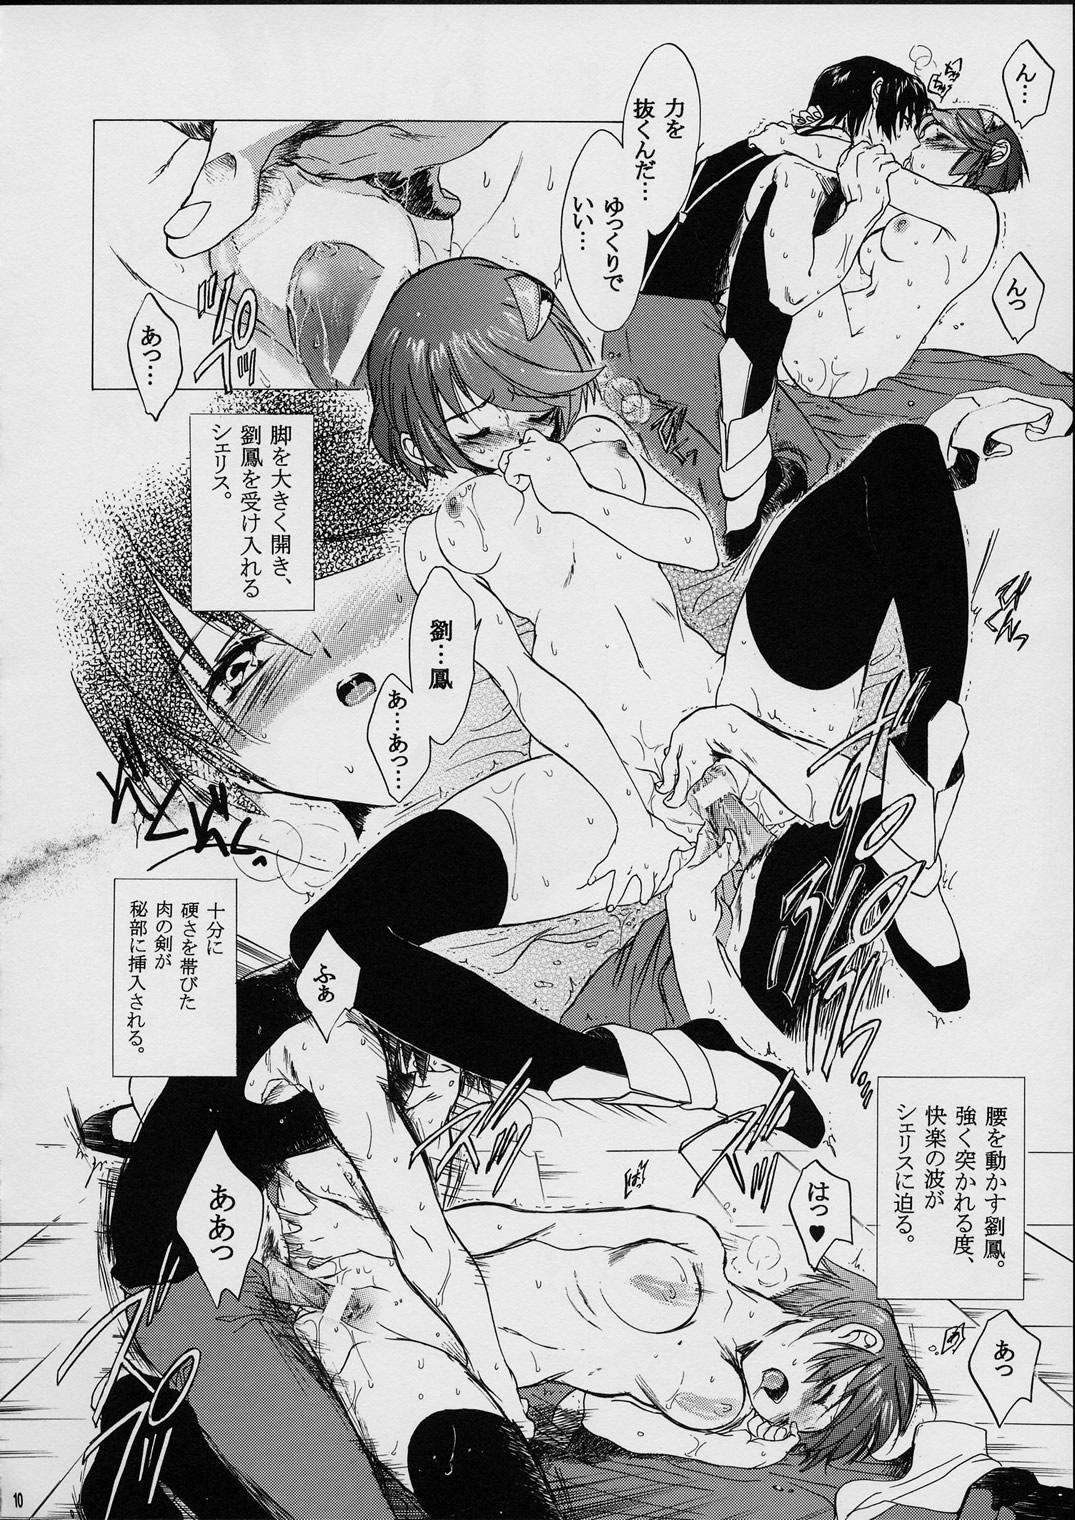 Holy-teki Nichijou Aruiwa Heion na Hi 8